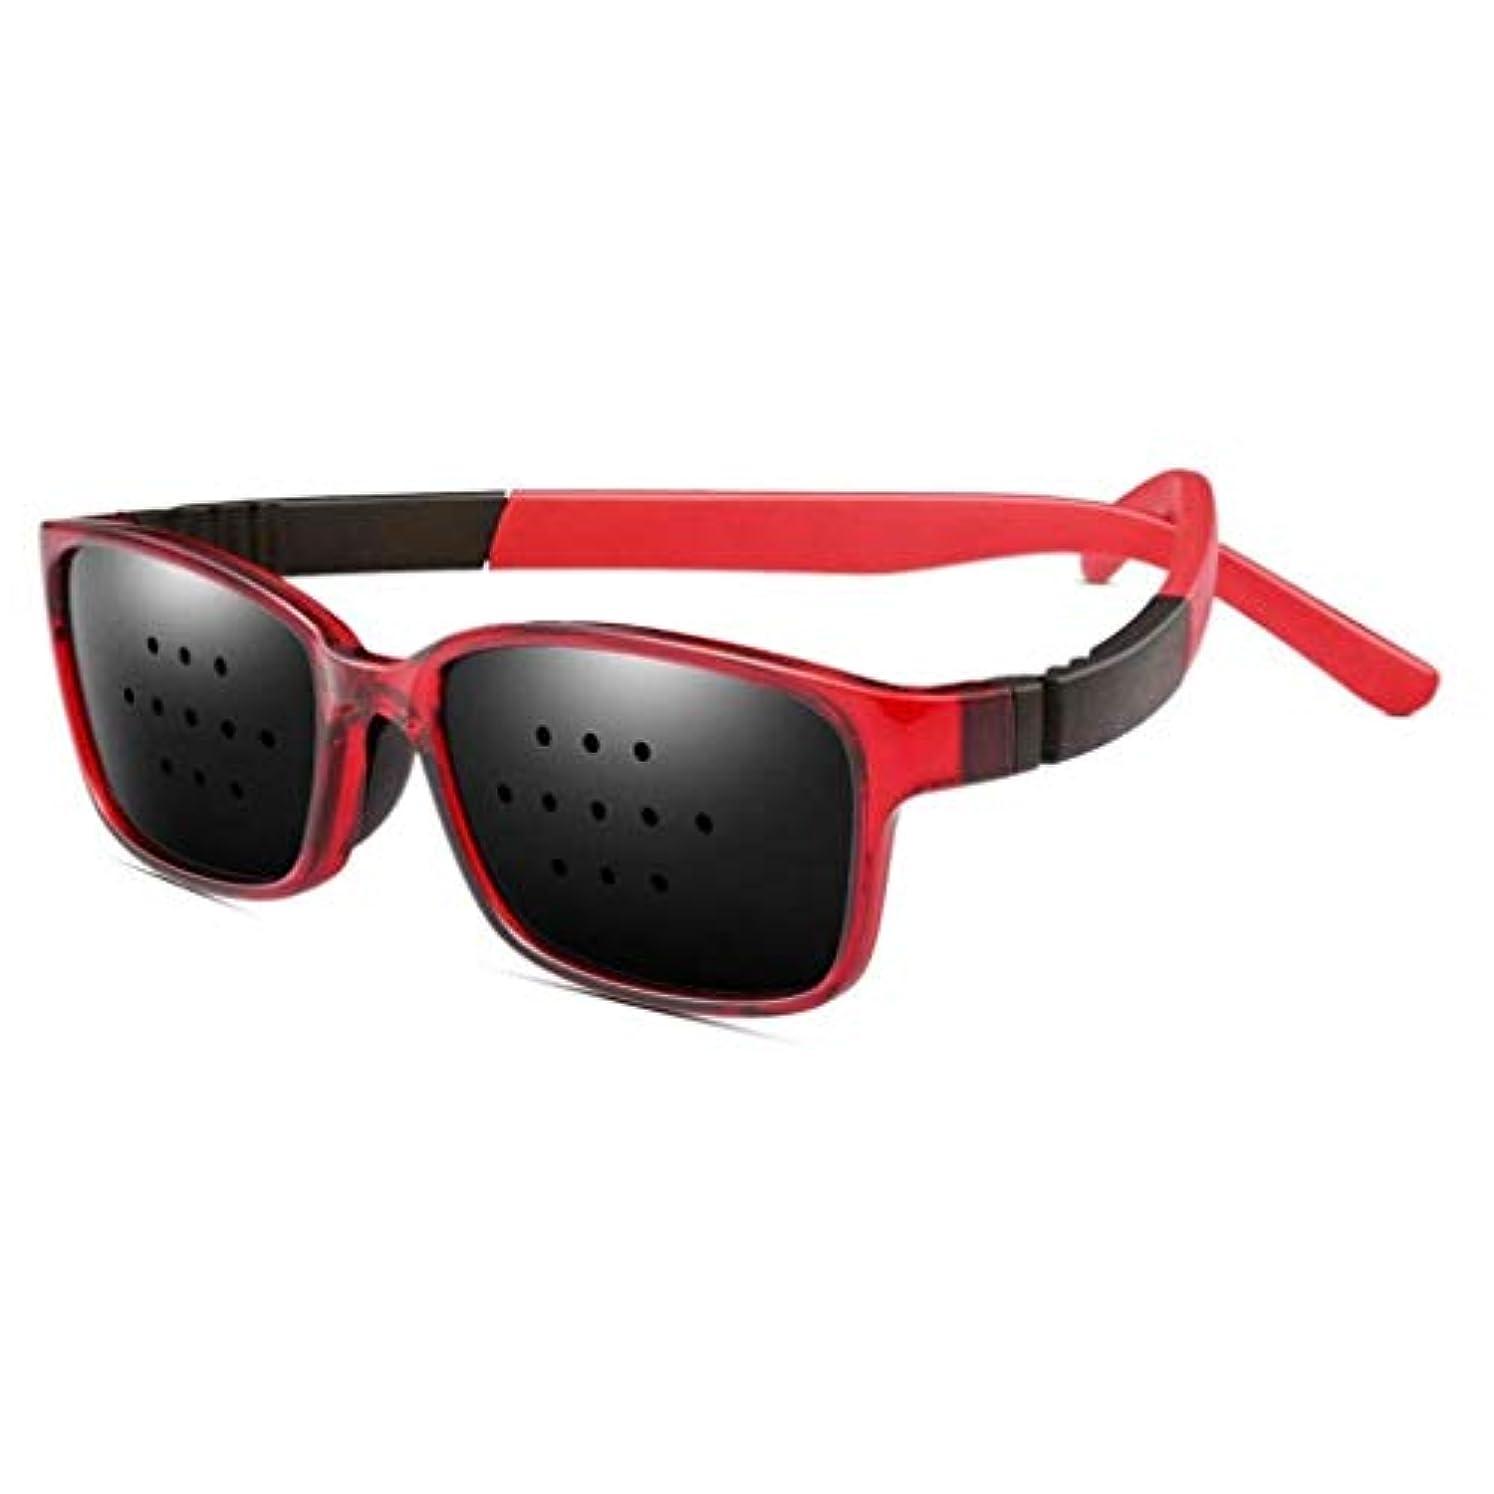 閉じる不良品ボランティアピンホールメガネ、視力矯正メガネ網状視力保護メガネ耐疲労性メガネ近視の防止メガネの改善 (Color : 赤)